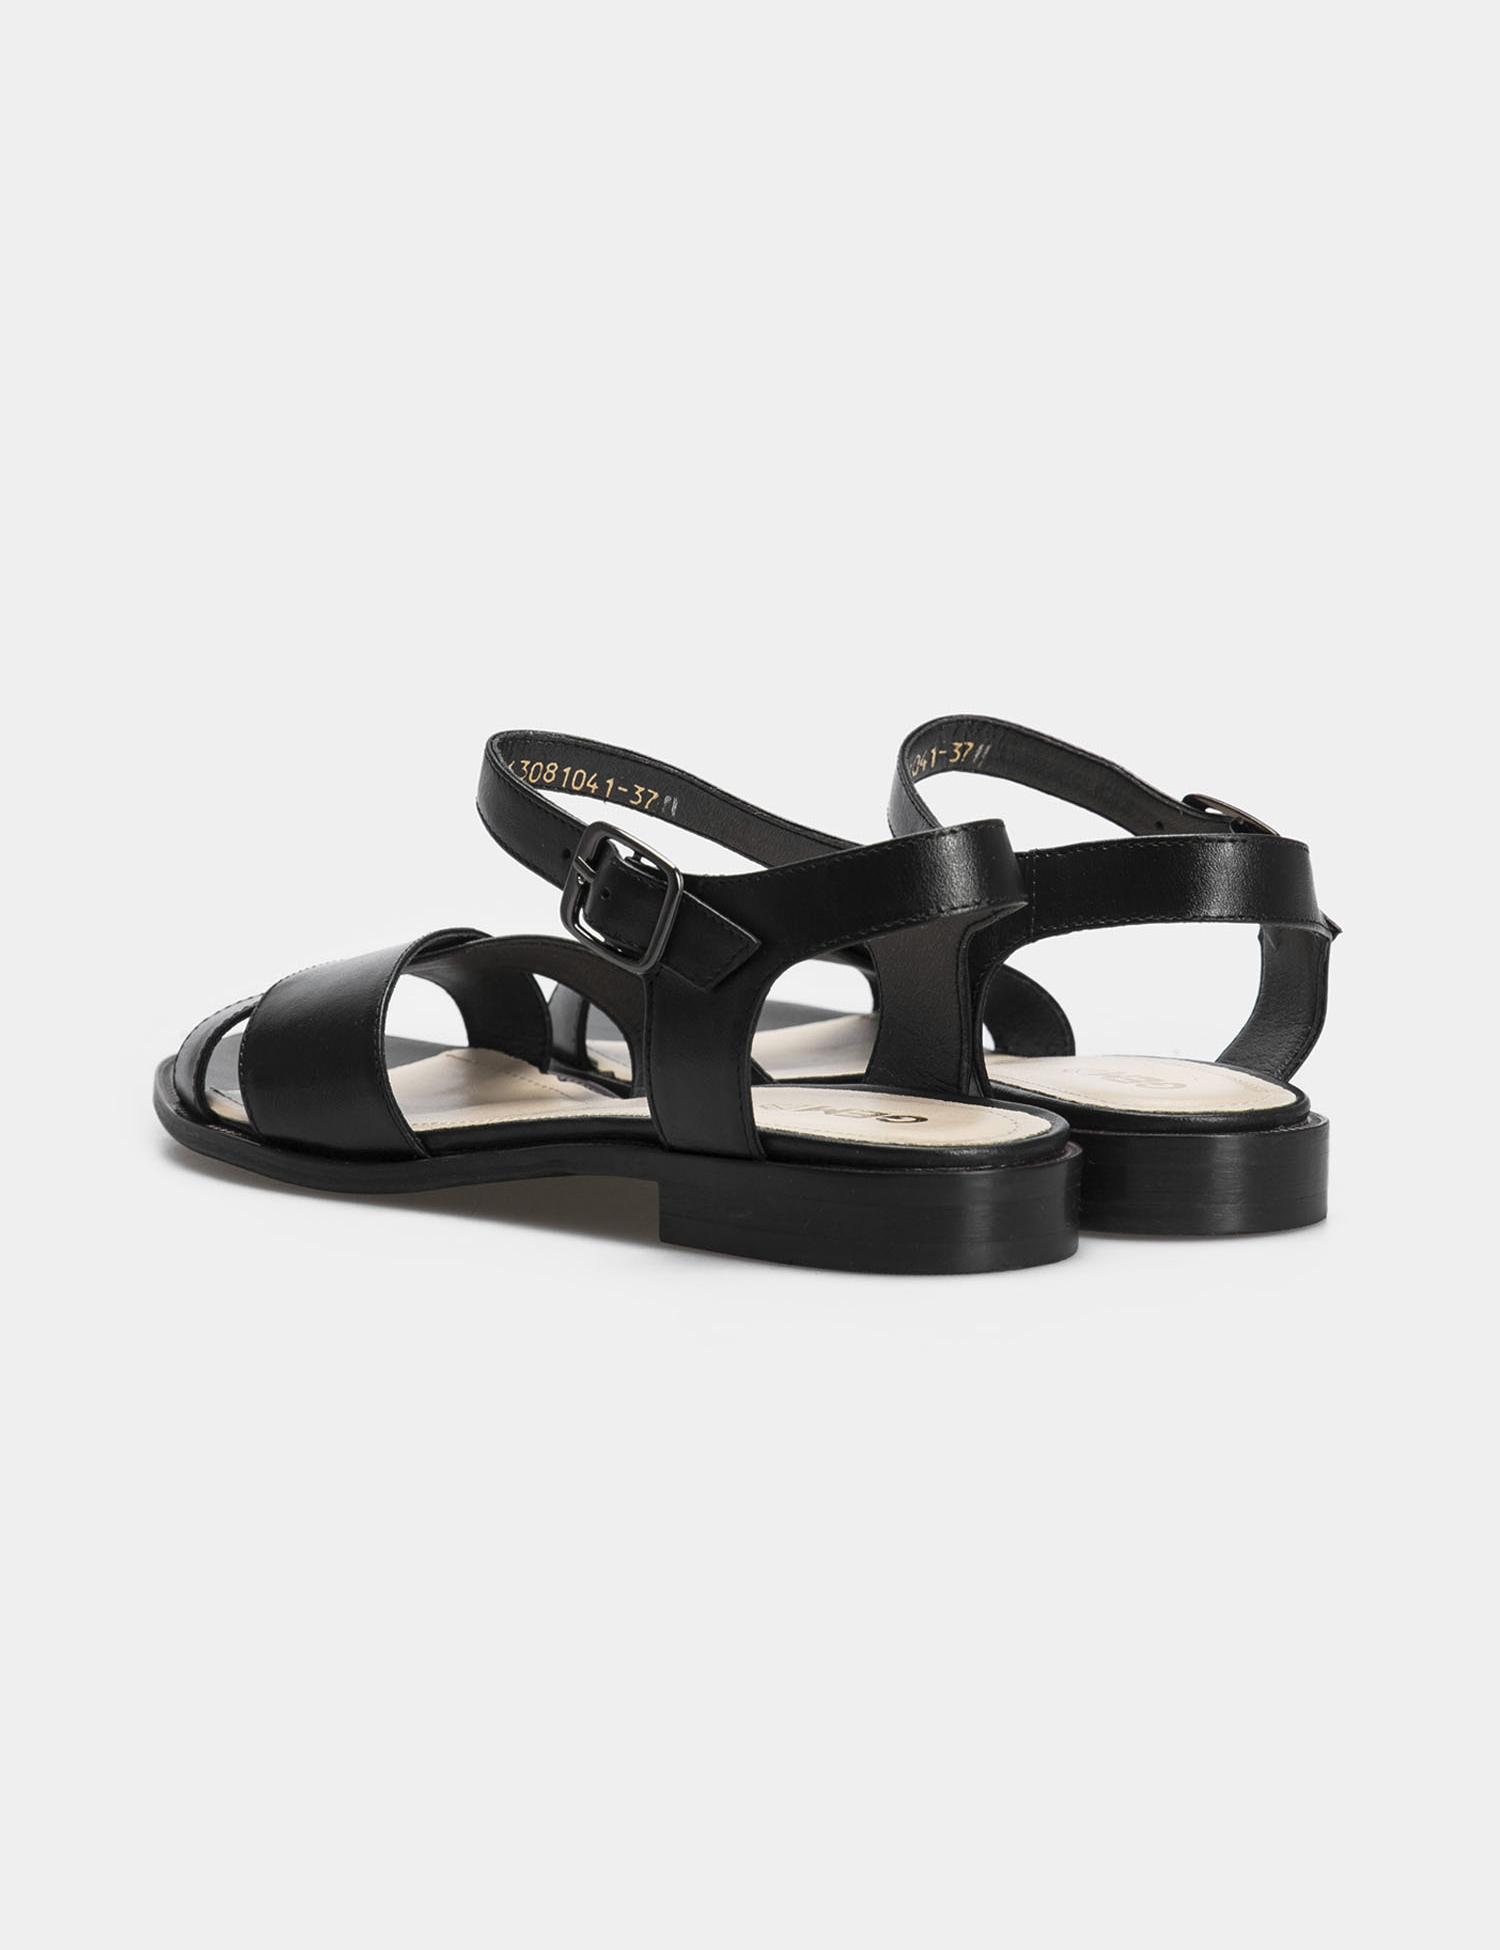 Сандалі  жіночі Сандали 63081041 черная кожа 63081041 модне взуття, 2017